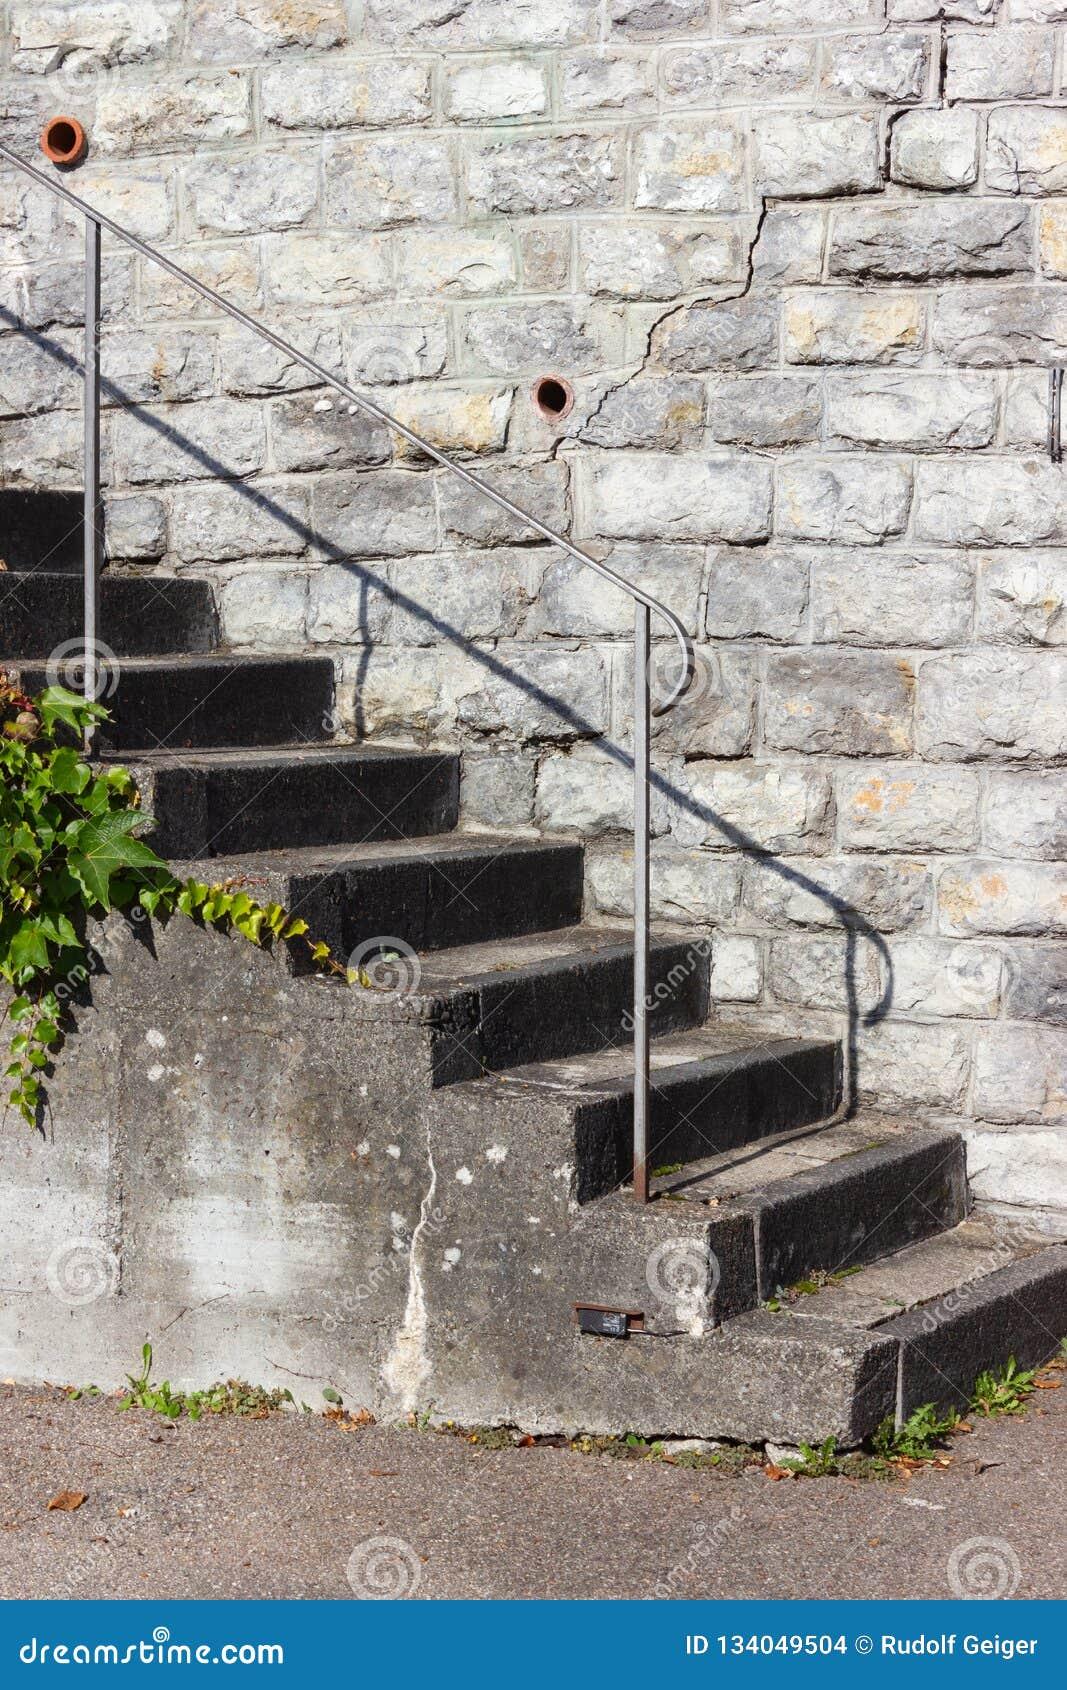 Escaliers De Jardin Faits En Pierre Photo stock - Image du path ...